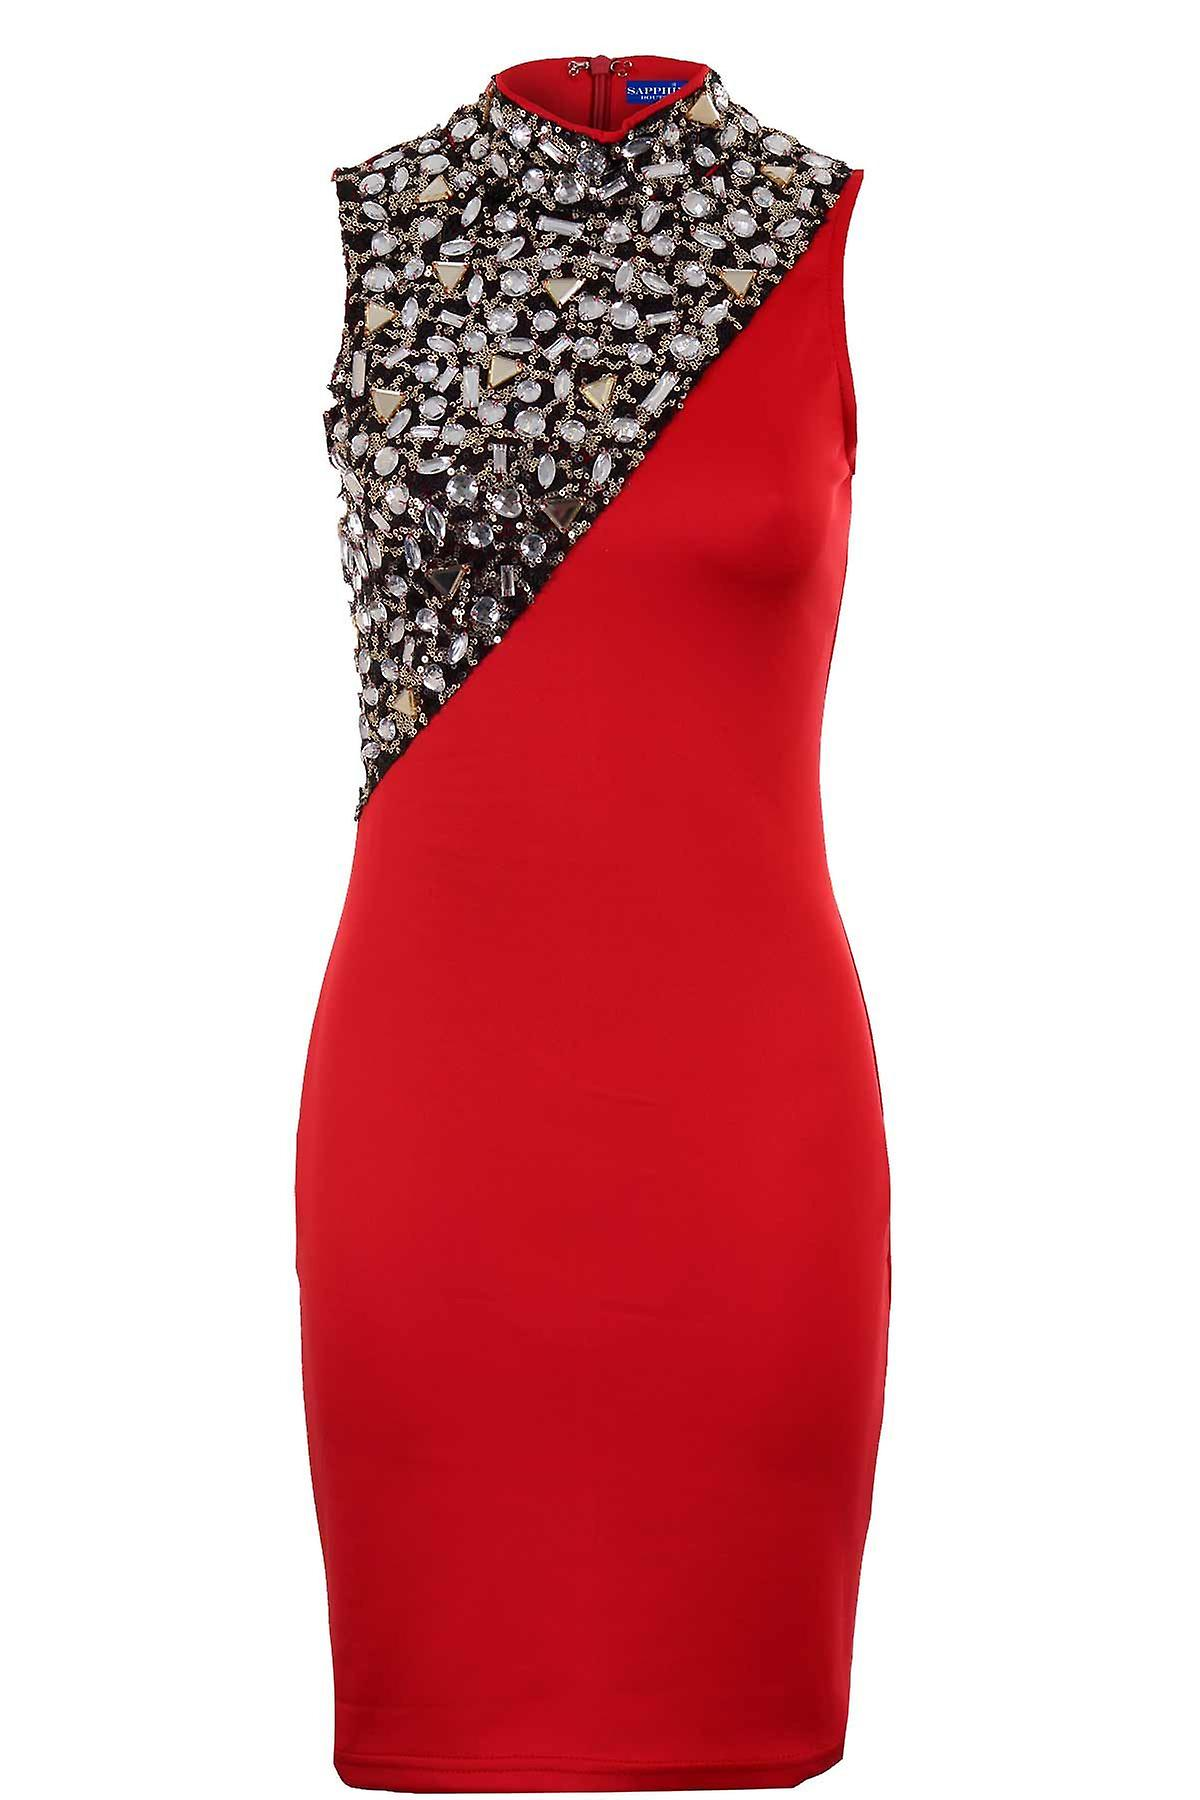 Ladies Sleeveless Zip Back Jewelled Sequin Contrast Women's Bodycon Short Dress